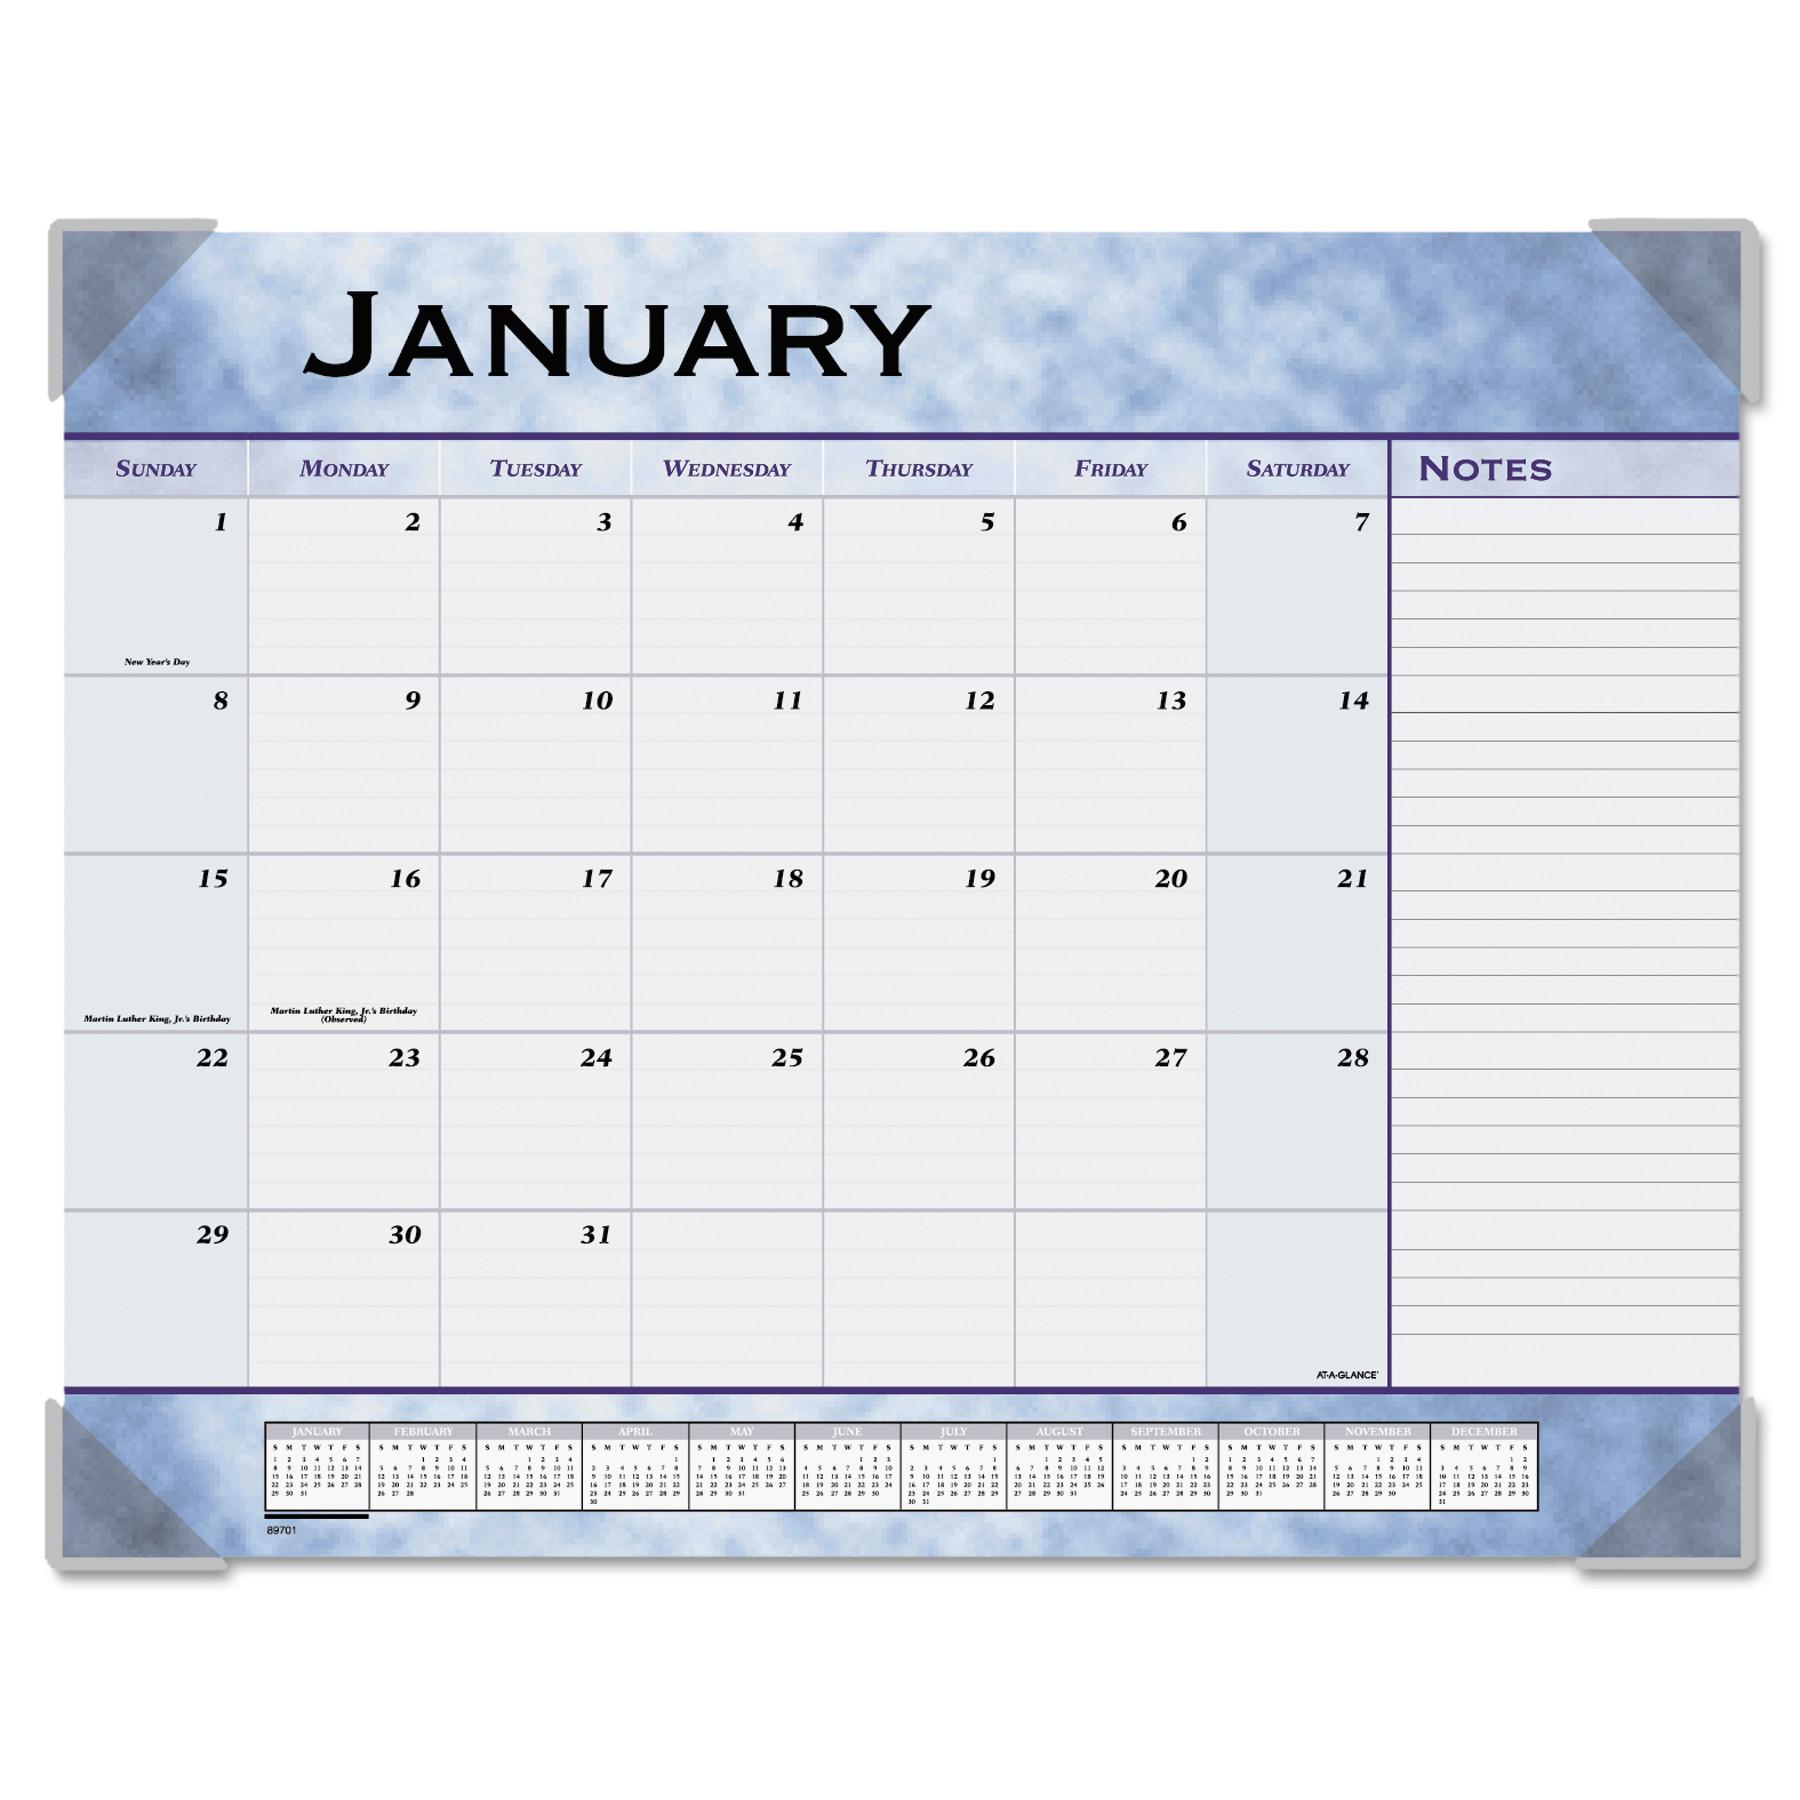 AT-A-GLANCE Slate Blue Desk Pad, 22 x 17, Slate Blue , 2018